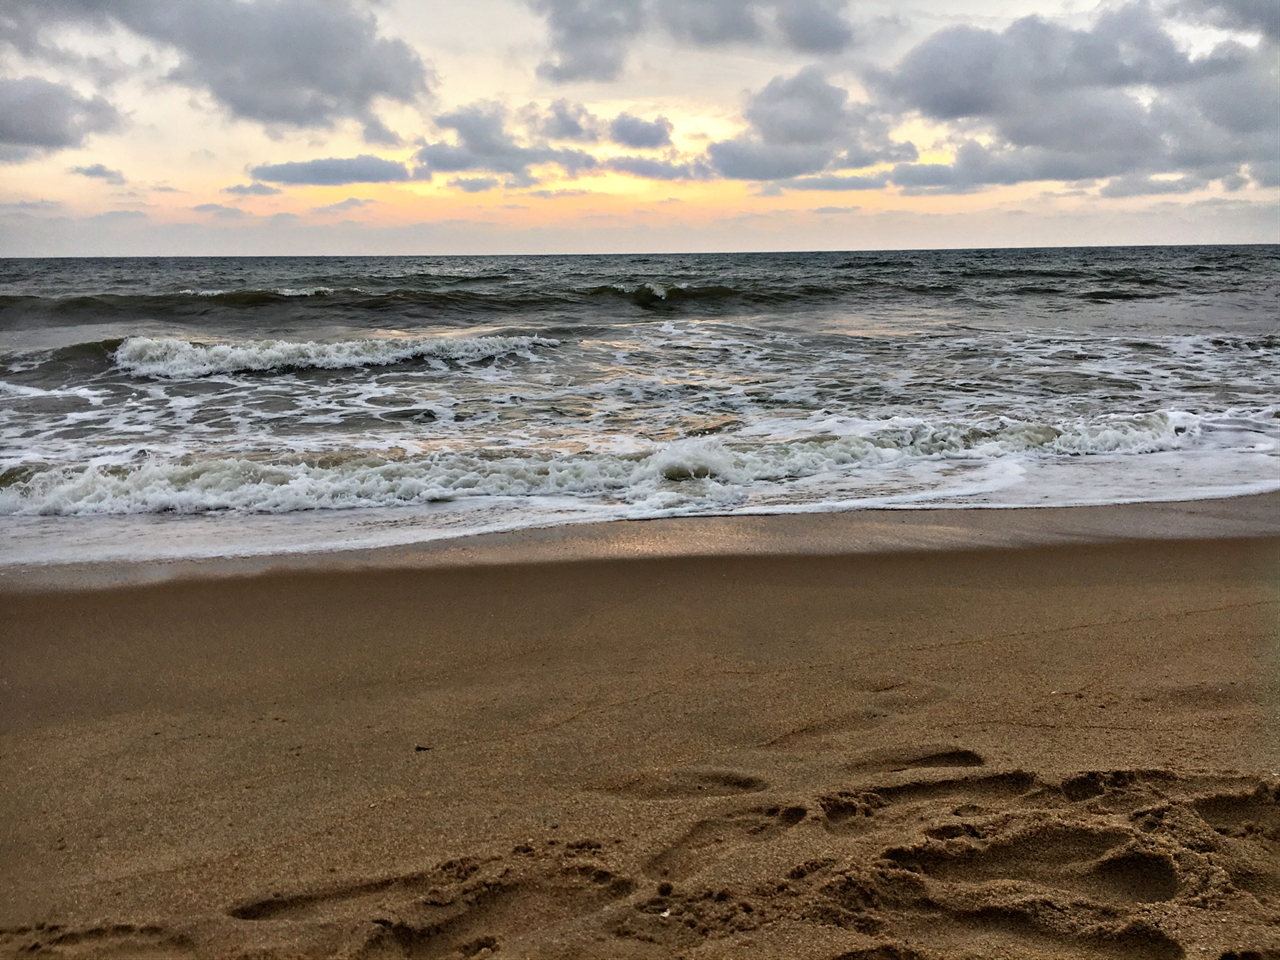 Heritance Negombo Sri Lanka - Hotel Review - Negombo Beach - Reisebericht - Hotelbewertung - Sri Lanka Urlaub - Luxus und Entspannung - Fashionladyloves by Tamara Wagner - Travel Blog - Reise Blog aus Graz Österreich